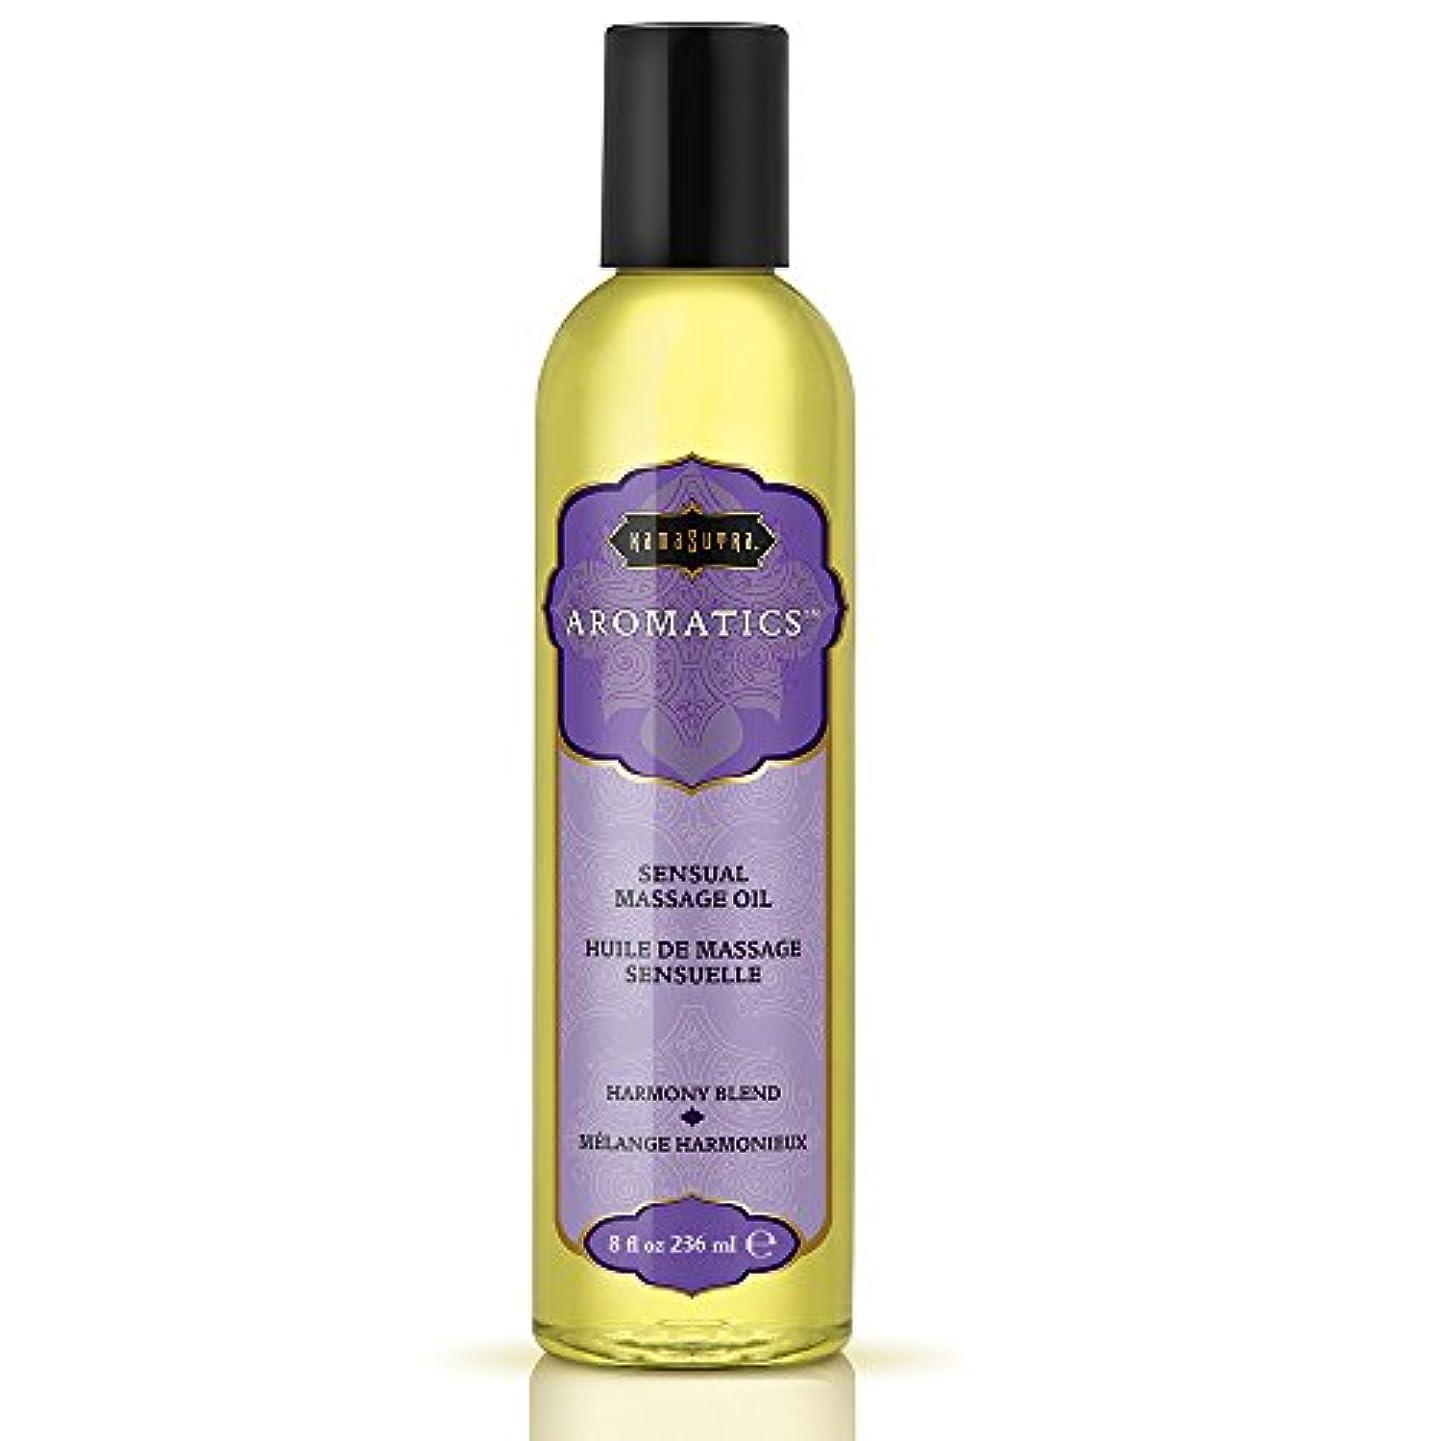 便益焦がすロケットAromatic Massage Oil Harmony Blend 8oz by Kama Sutra